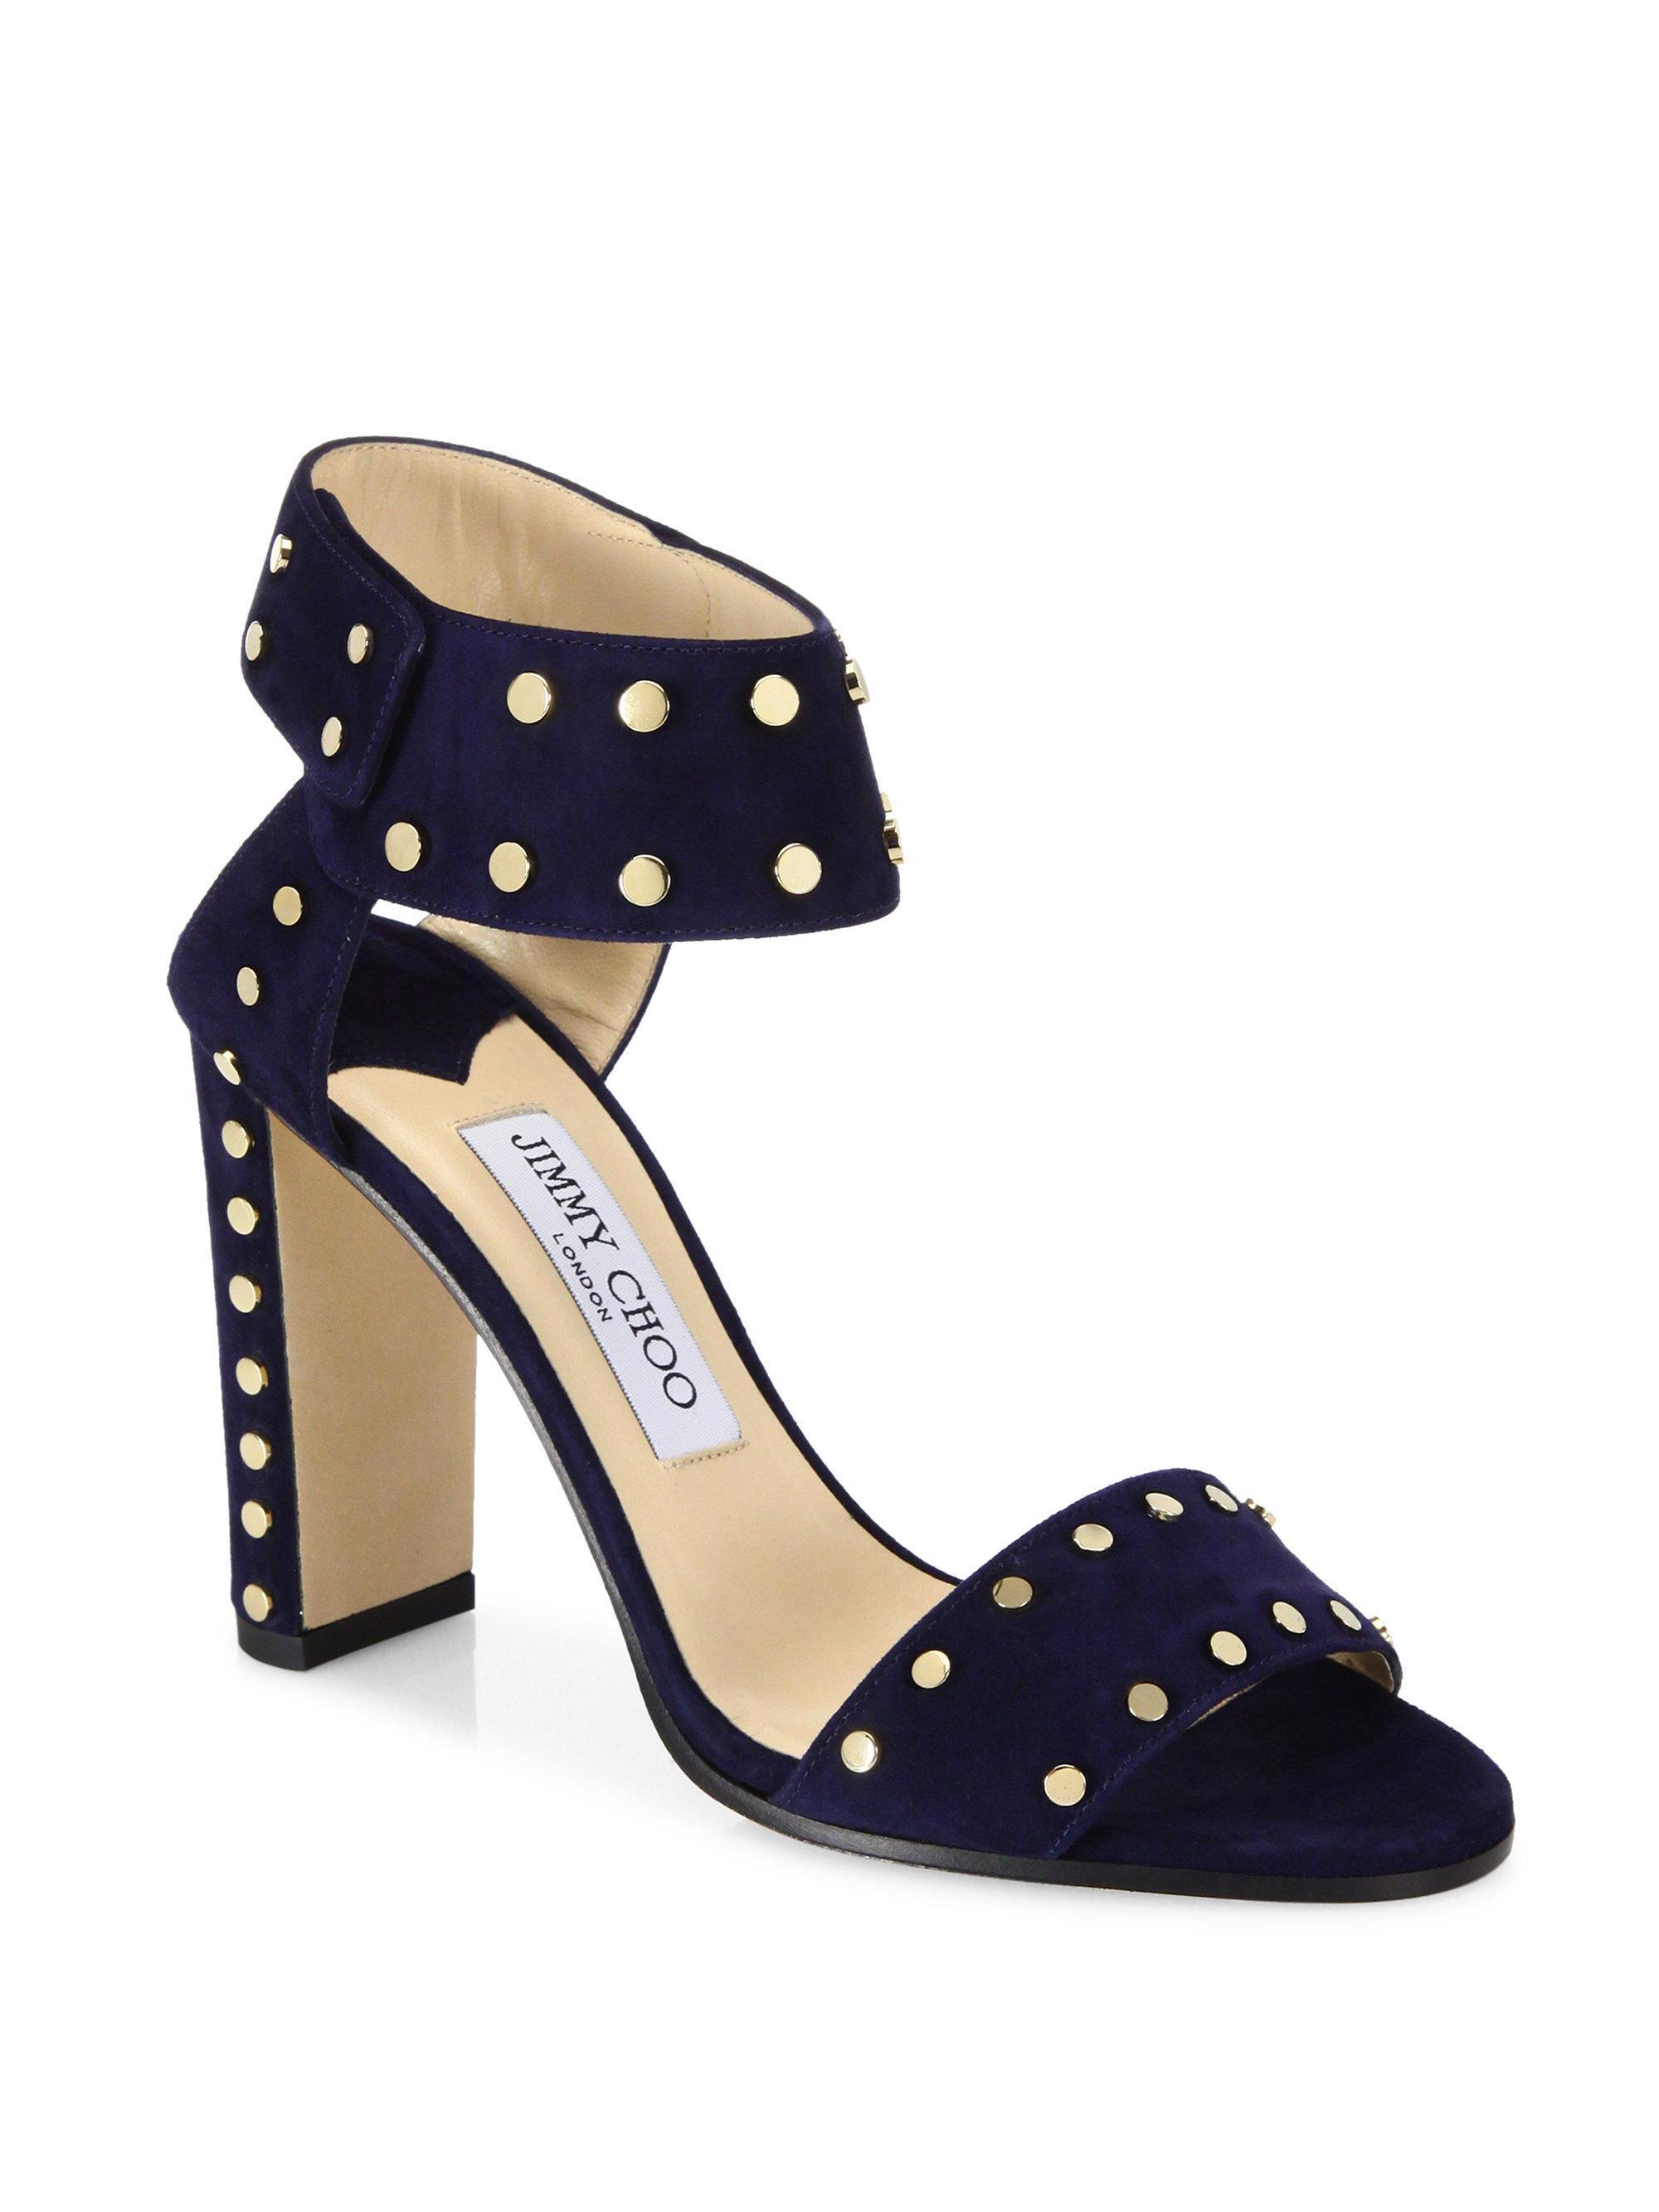 0dd9441c5185 Lyst - Jimmy Choo Veto Studded Suede Block-heel Sandals in Blue